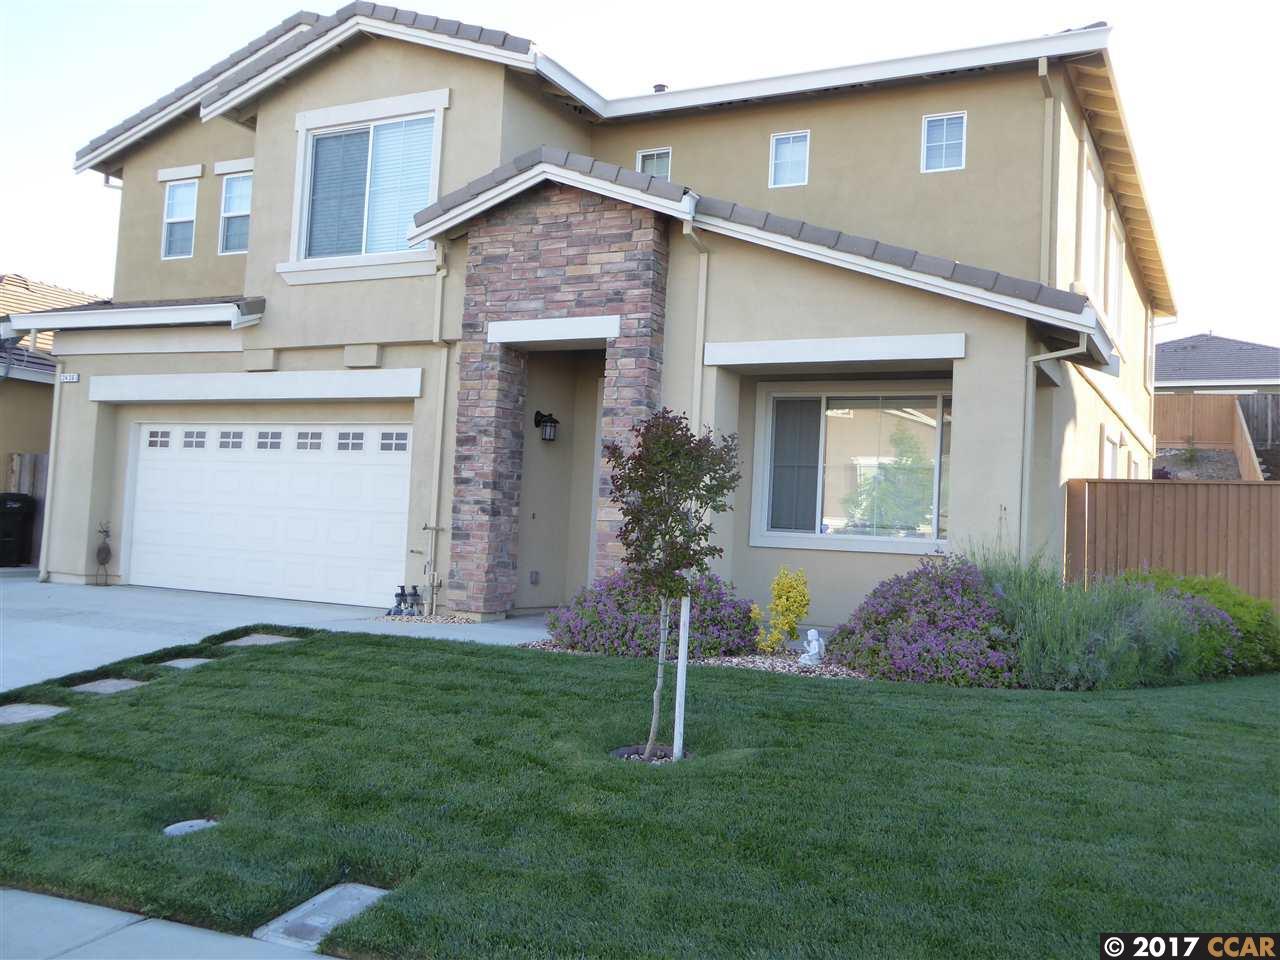 واحد منزل الأسرة للـ Sale في 2436 El Tambor Drive Bay Point, California 94565 United States